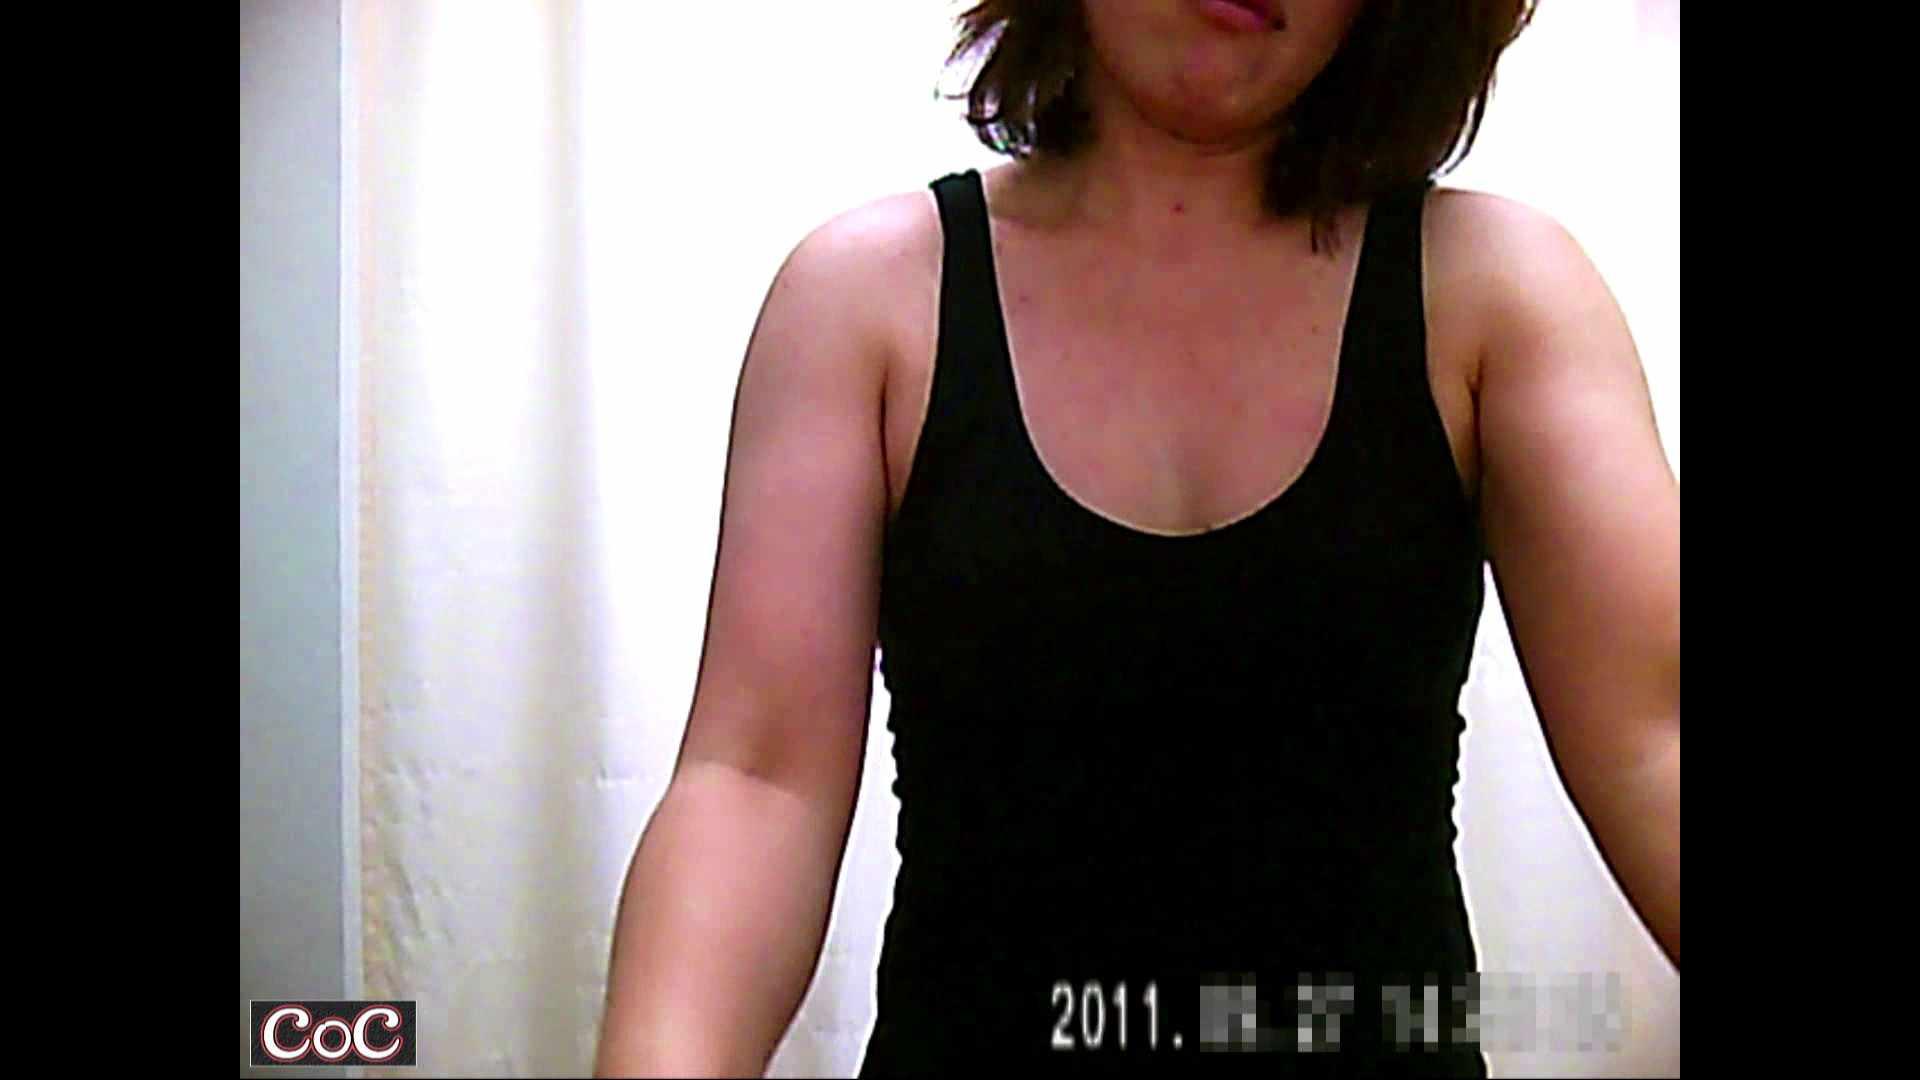 元医者による反抗 更衣室地獄絵巻 vol.258 OL  58pic 12